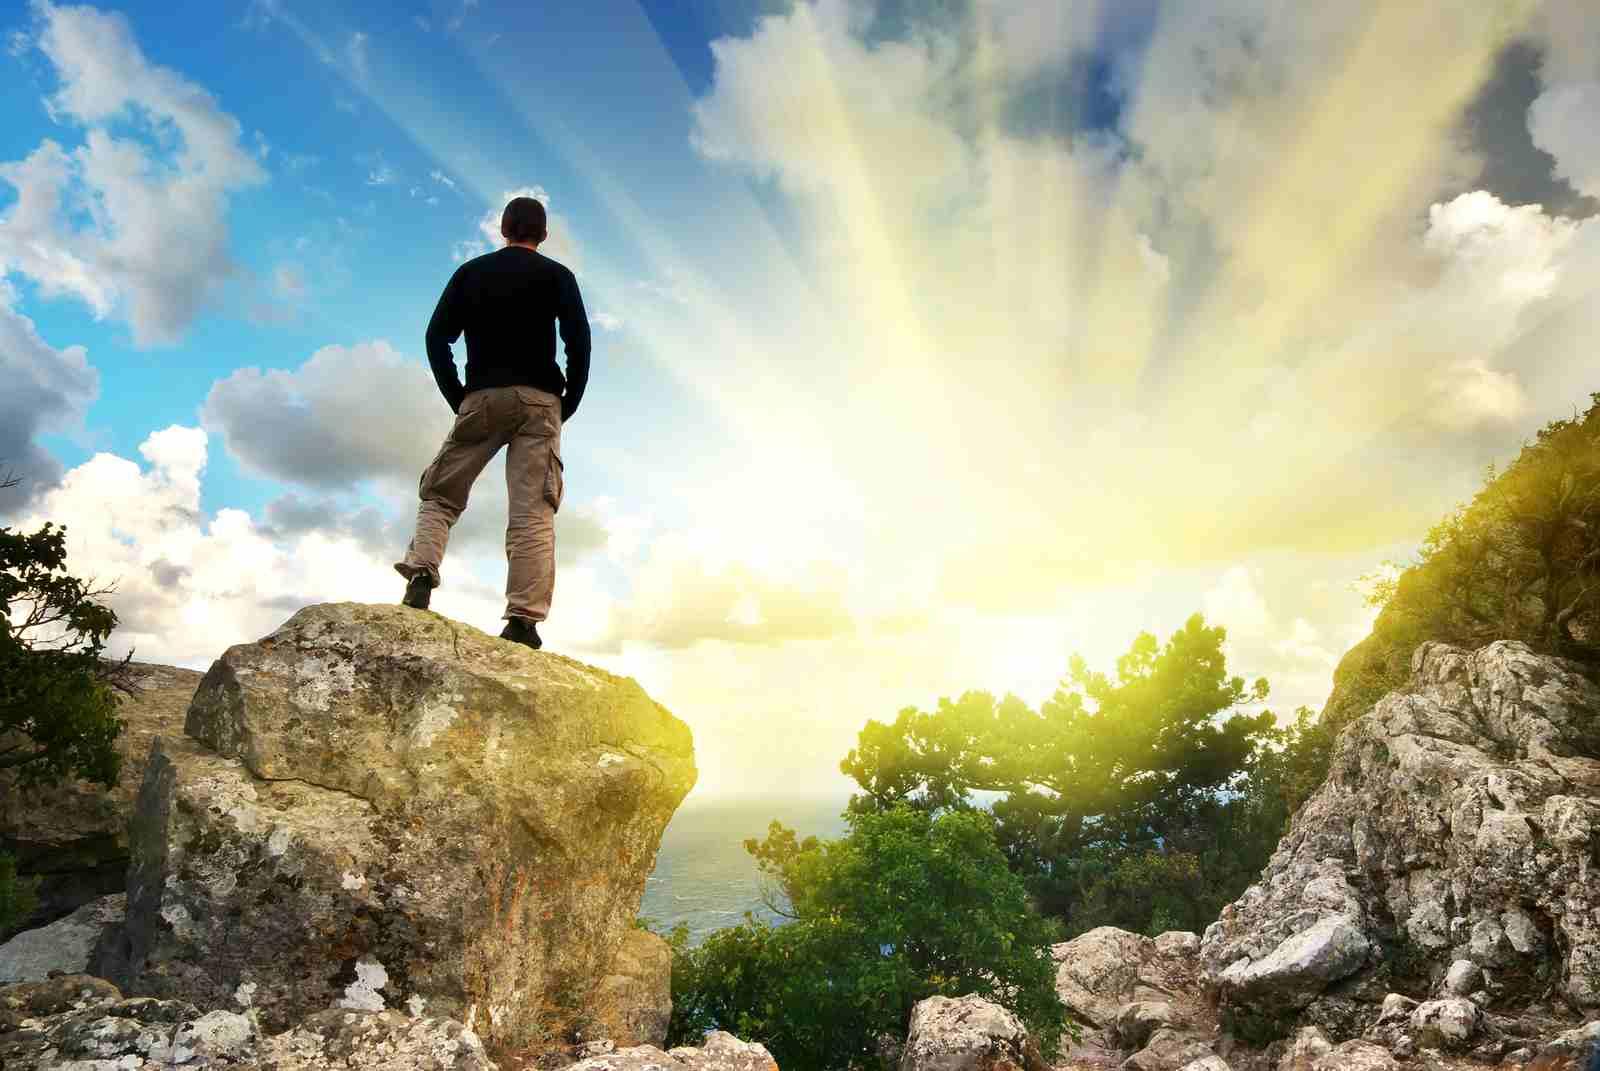 楽に変われる方法なんて存在しない。大事なのはその小さな1歩を歩み続ける事。